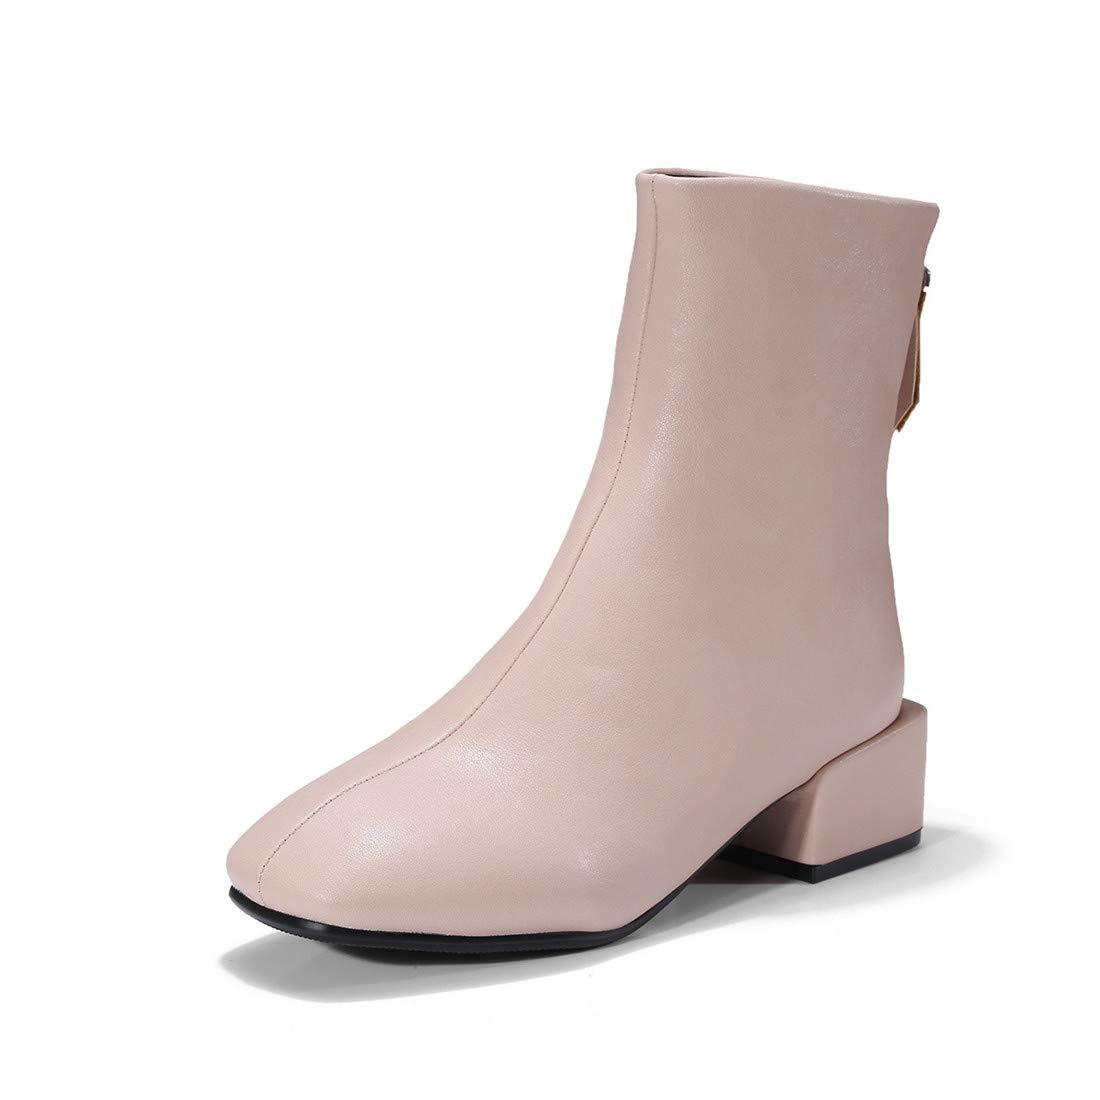 Stiefel-DEDE Stiefel  Europa und Amerika eckige Damen mit kurzen kurzen kurzen Stiefelnquadratischer Kopf mit Stiefeletten ed1b49